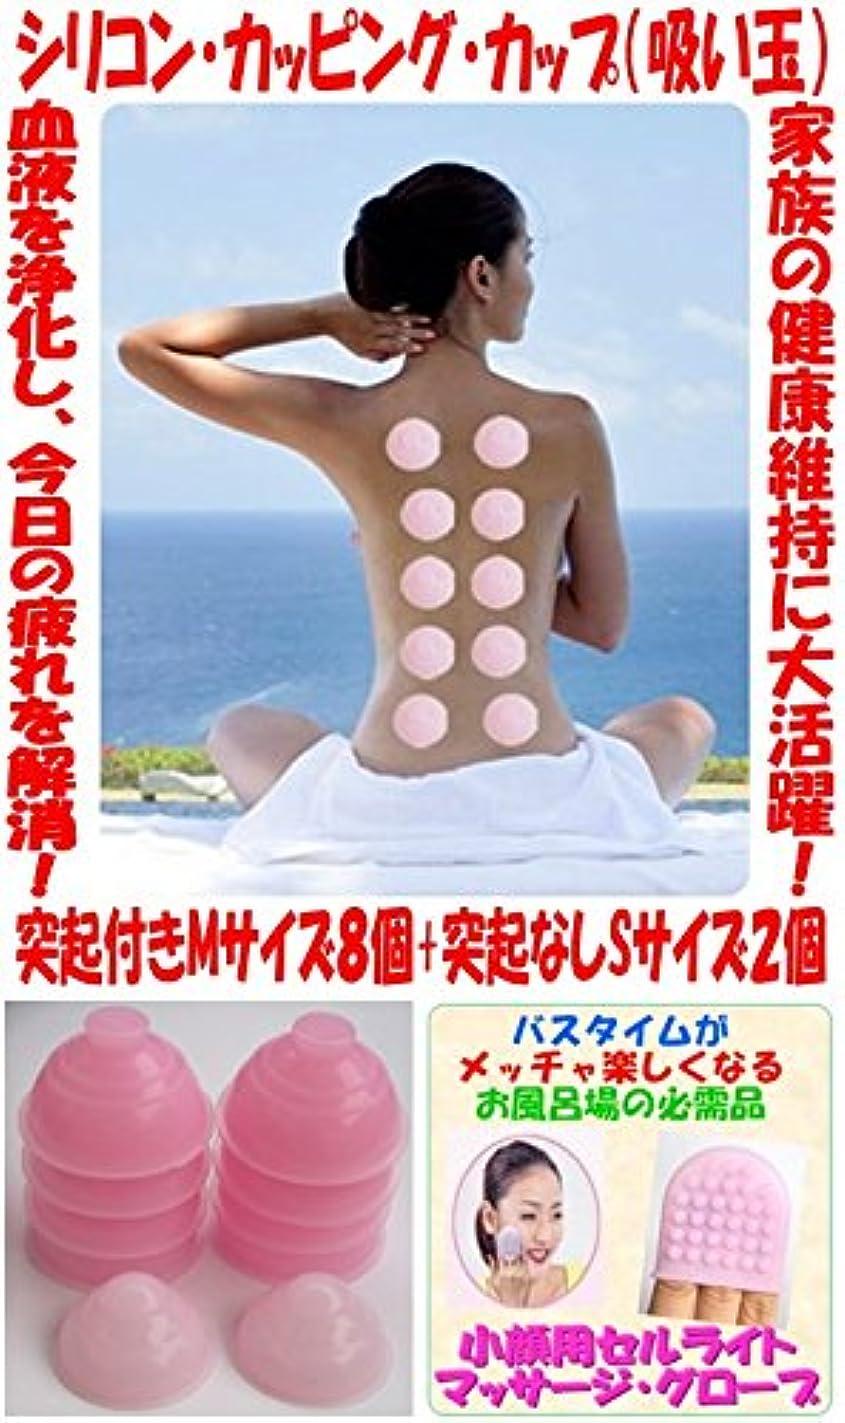 曲線野な寄稿者突起付きカッピングカップ - ピンク - Mサイズ 8個+突起なしSサイズ2個(ポーチ付き)